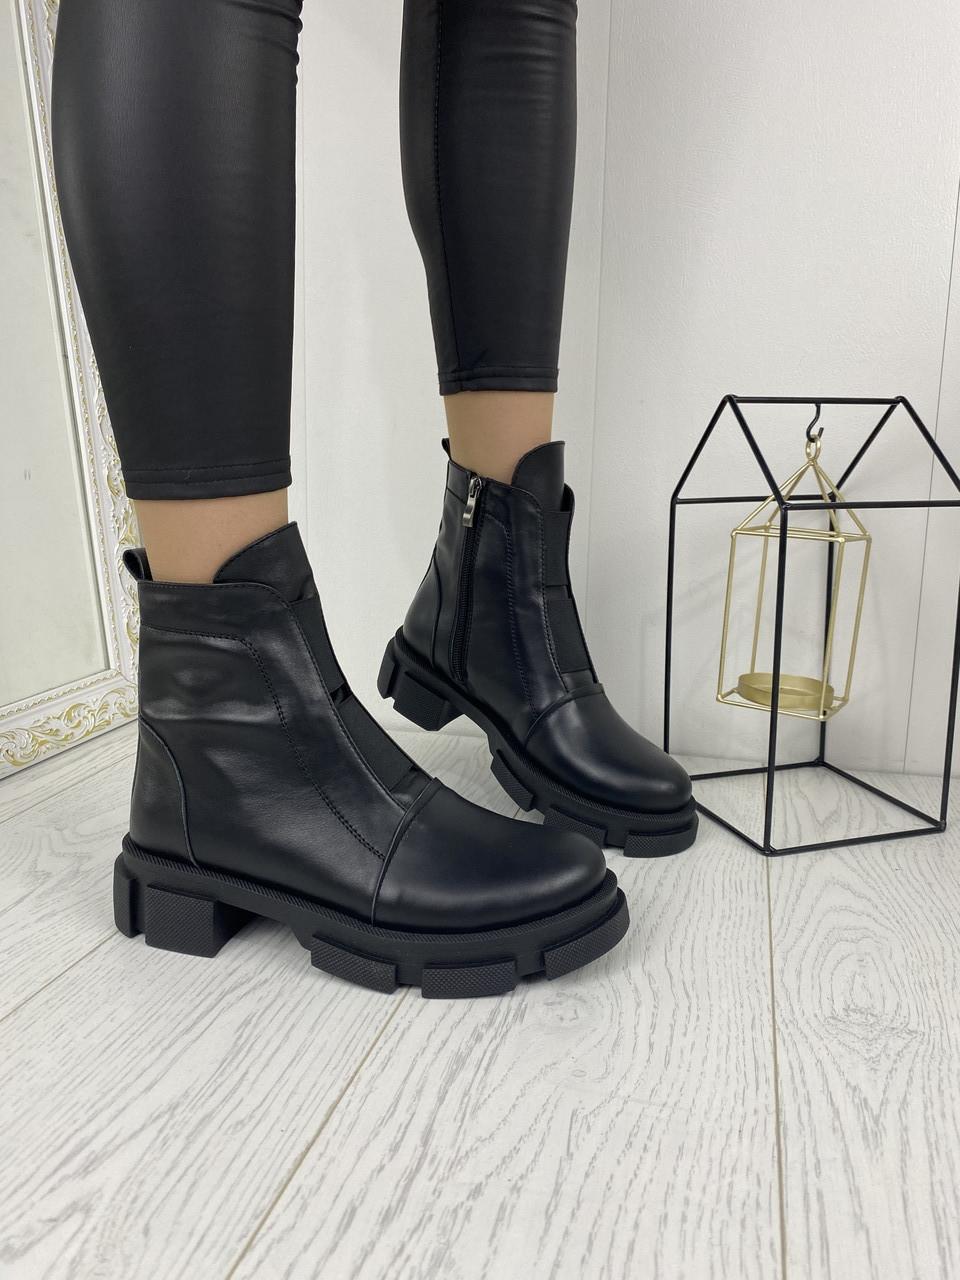 Женские ботинки весенние